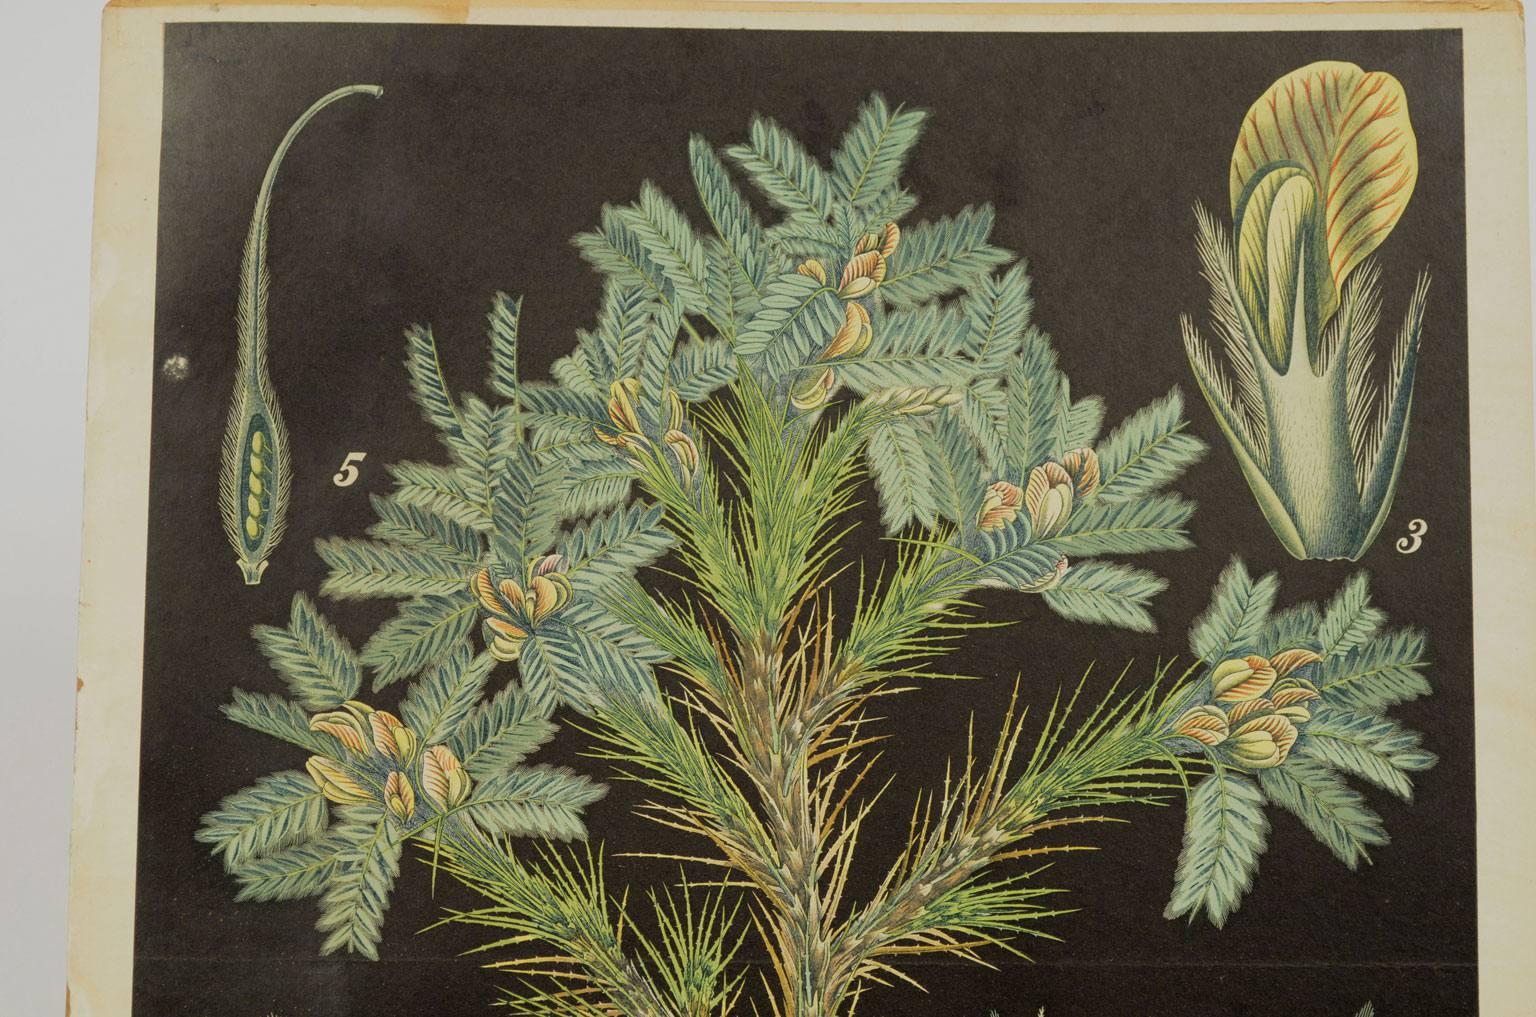 Storia naturale/4182-Astragalus creticus Lam